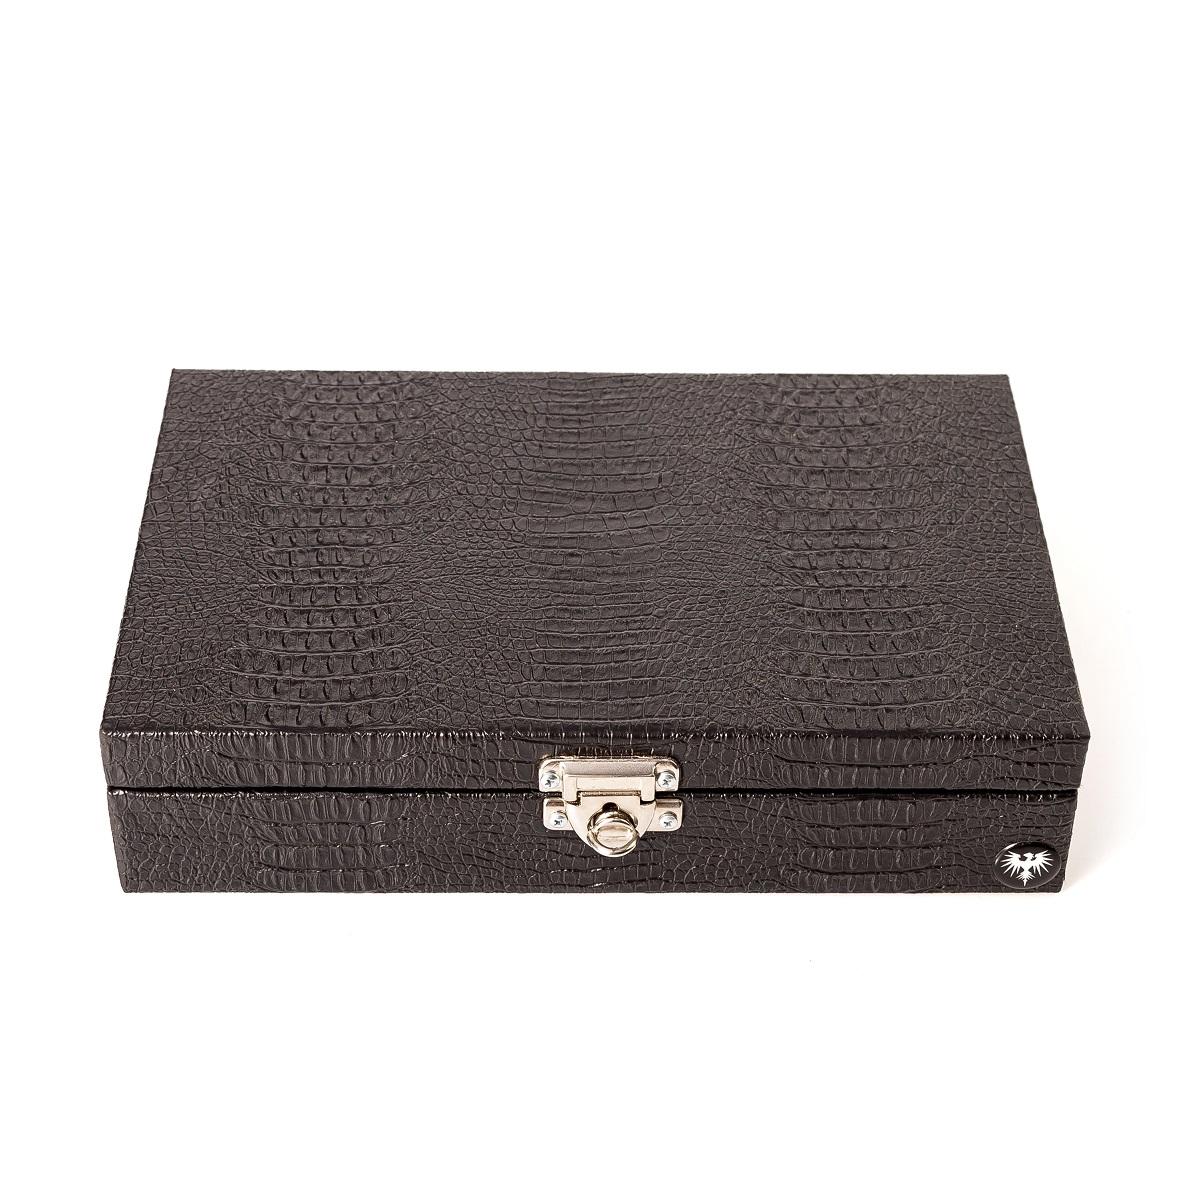 caixa-porta-joias-couro-ecologico-pequeno-preto-preto-imagem-1.jpg